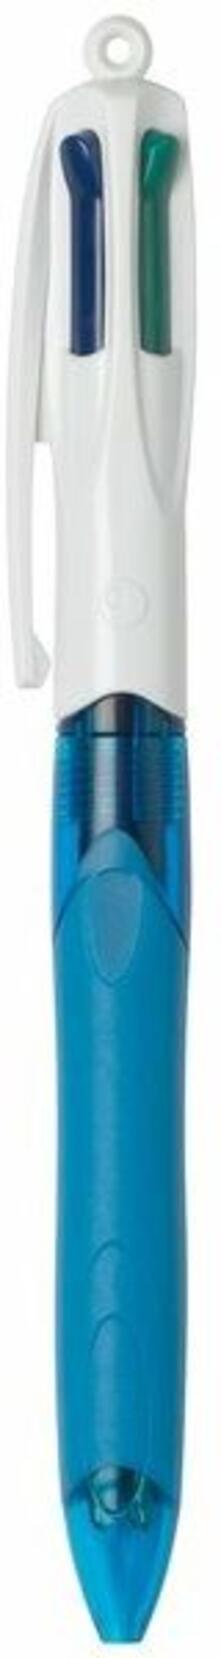 Penna a sfera Bic 4 Colours grip. 4 colori di scrittura punta 1 mm